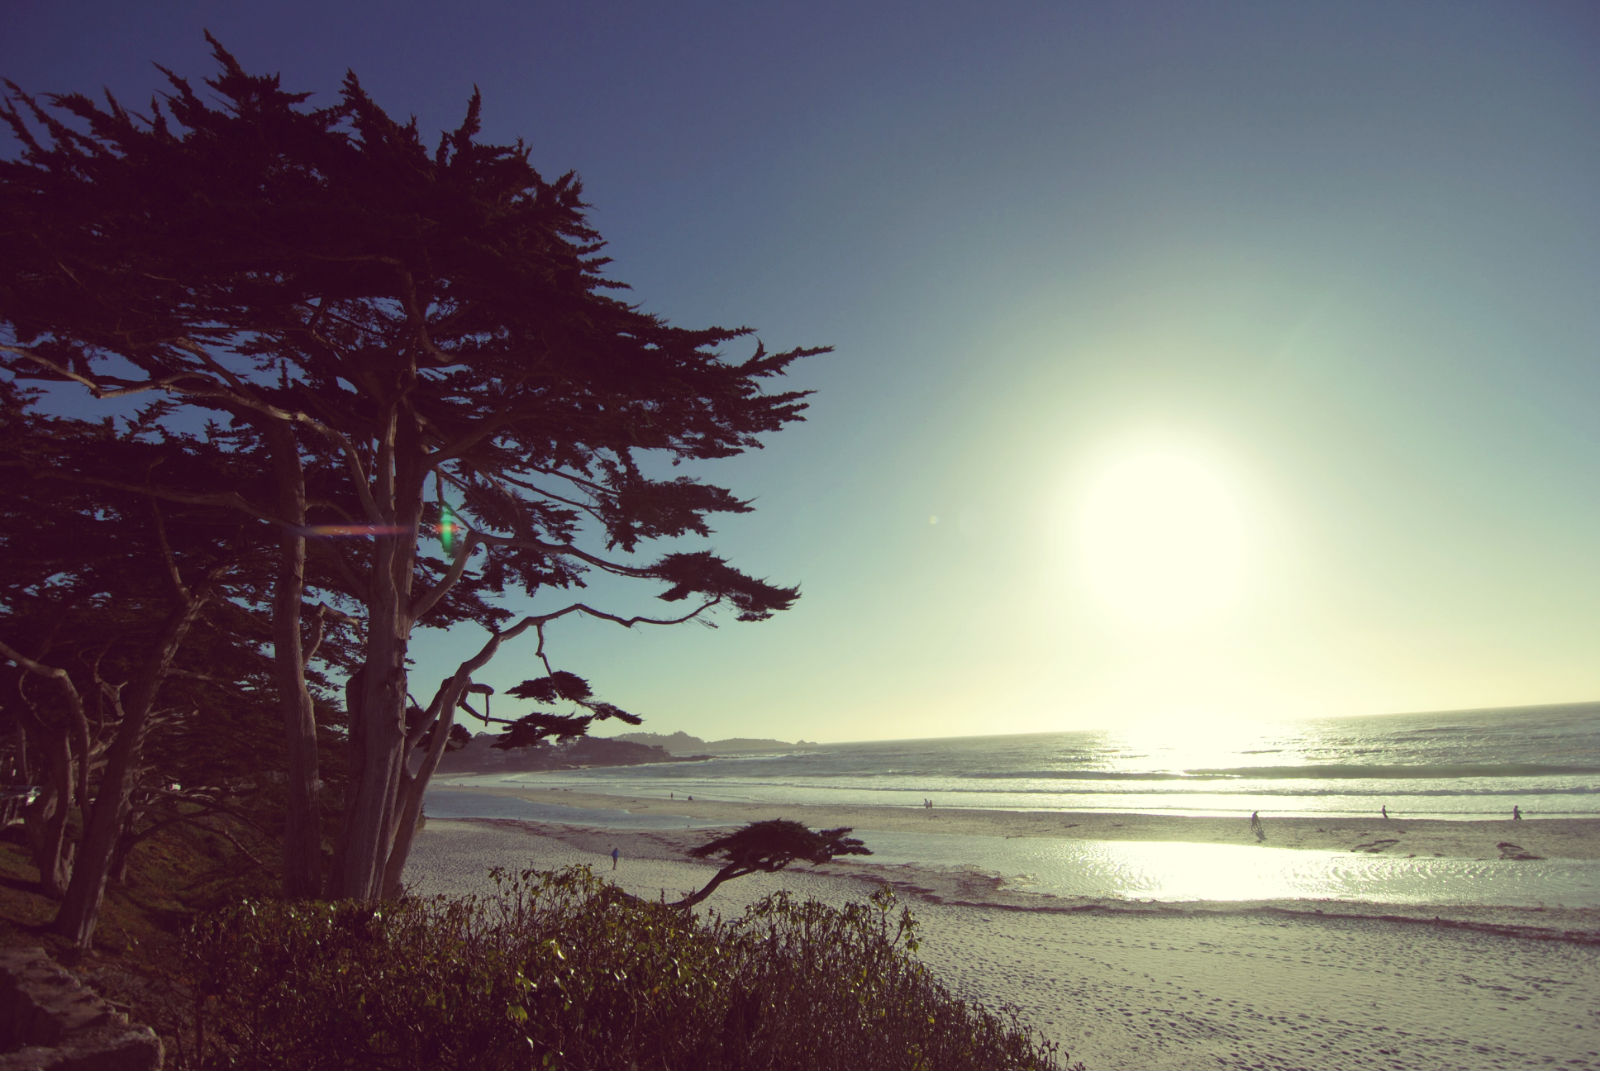 Scenes from the Carmel Coast